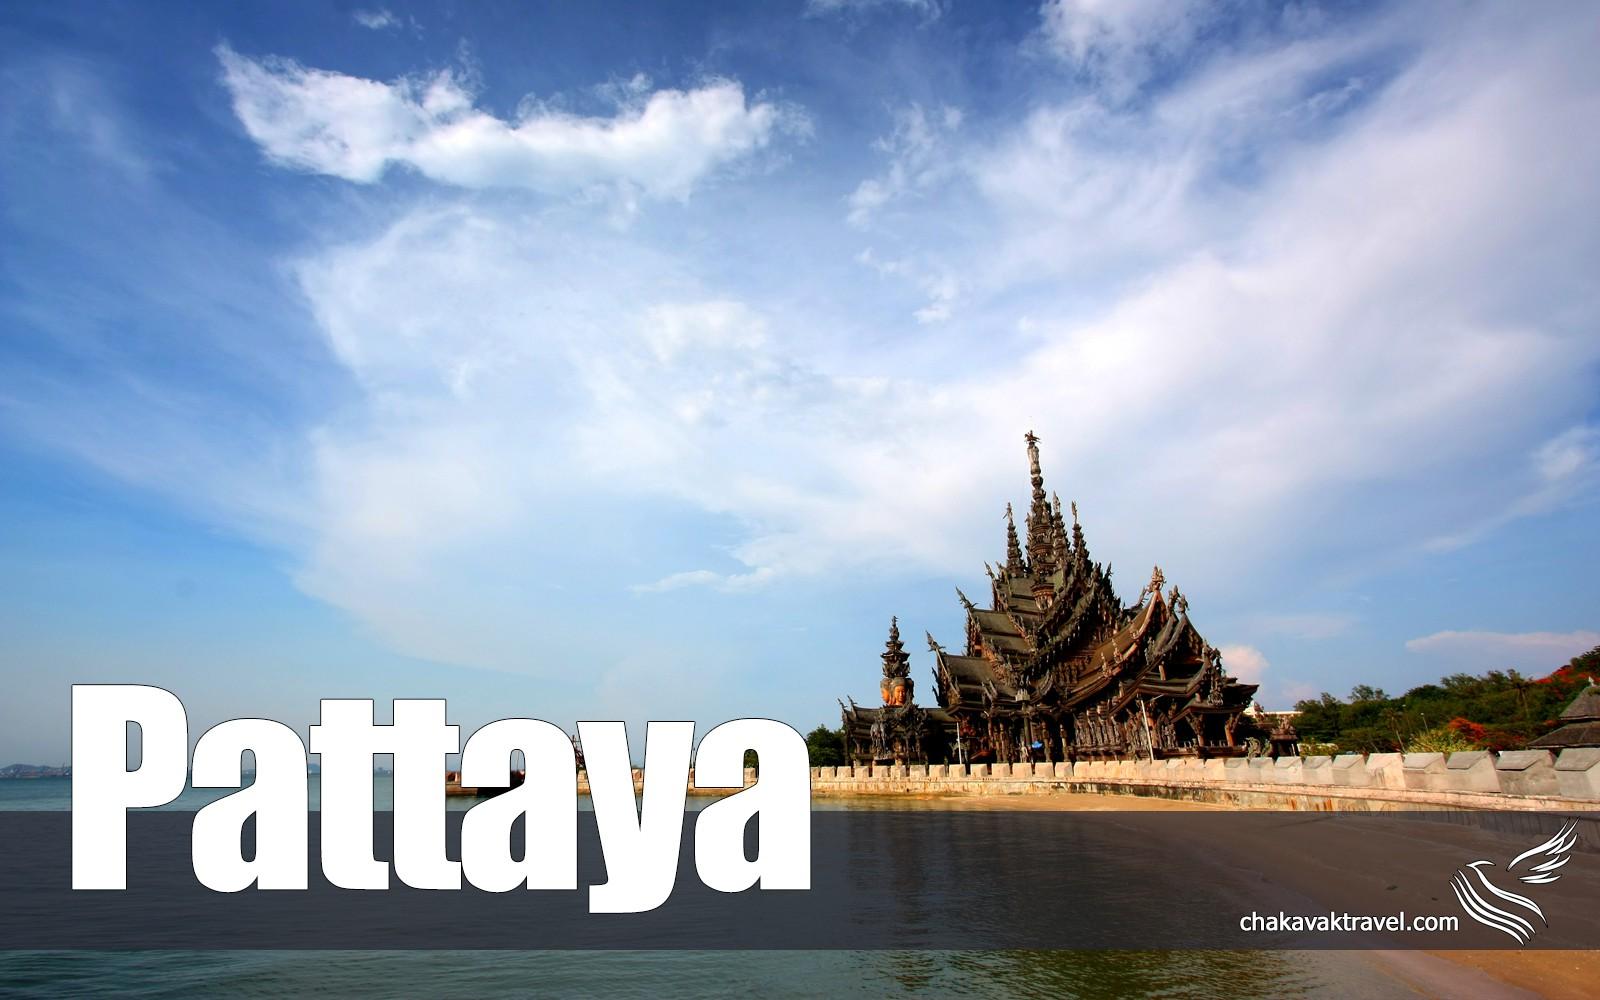 ساحل پاتایا تایلند هتل تور